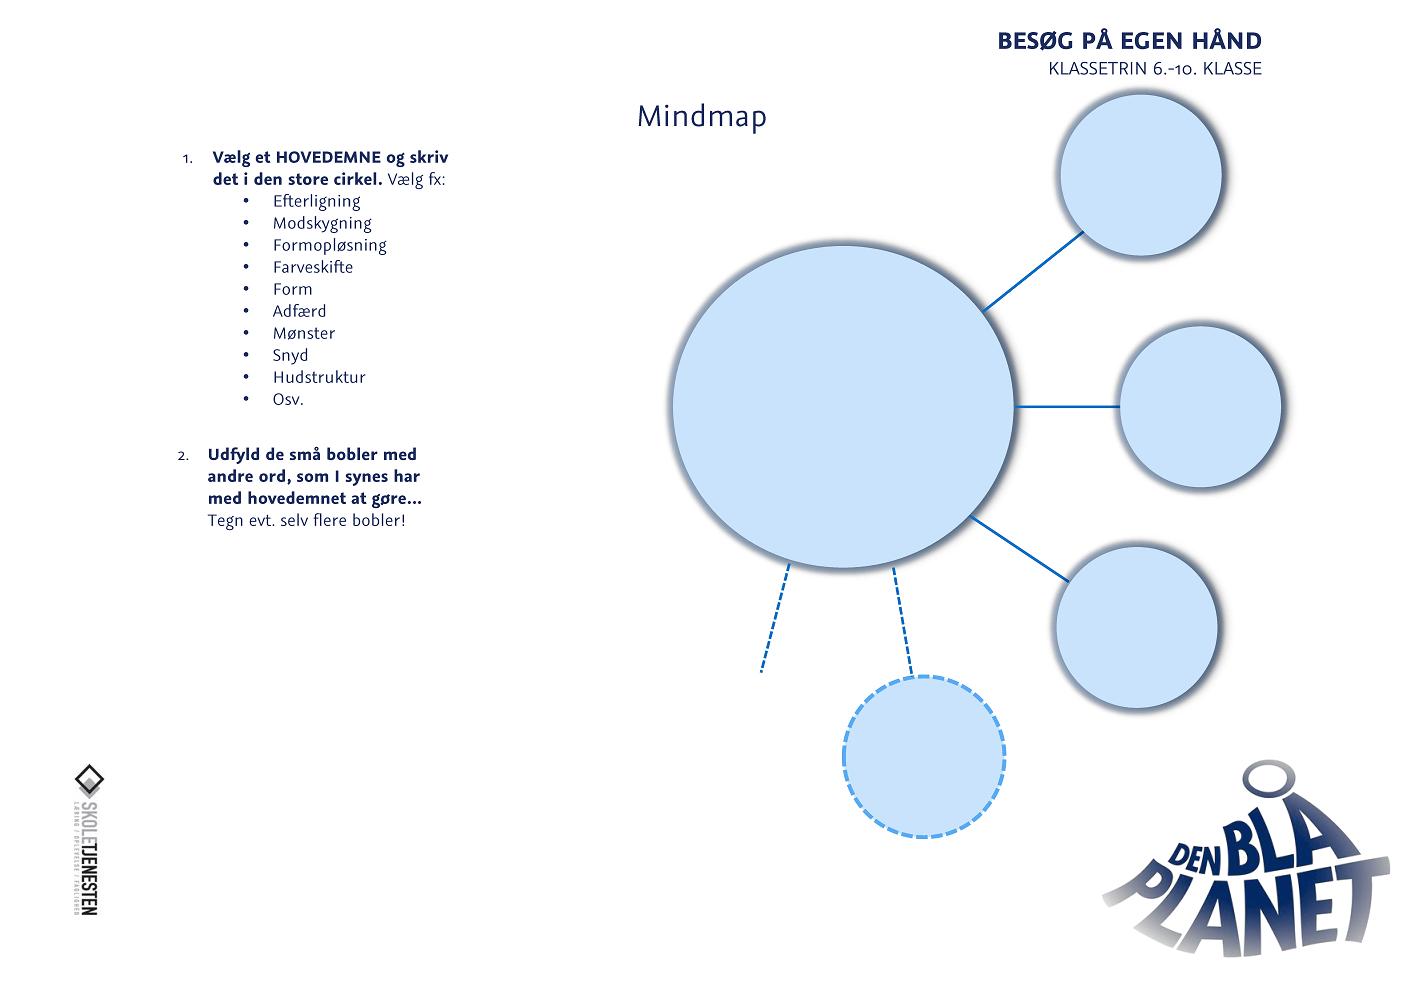 instruktions-materiale-til-fisk-og-formidling-paa-egen-haand-7